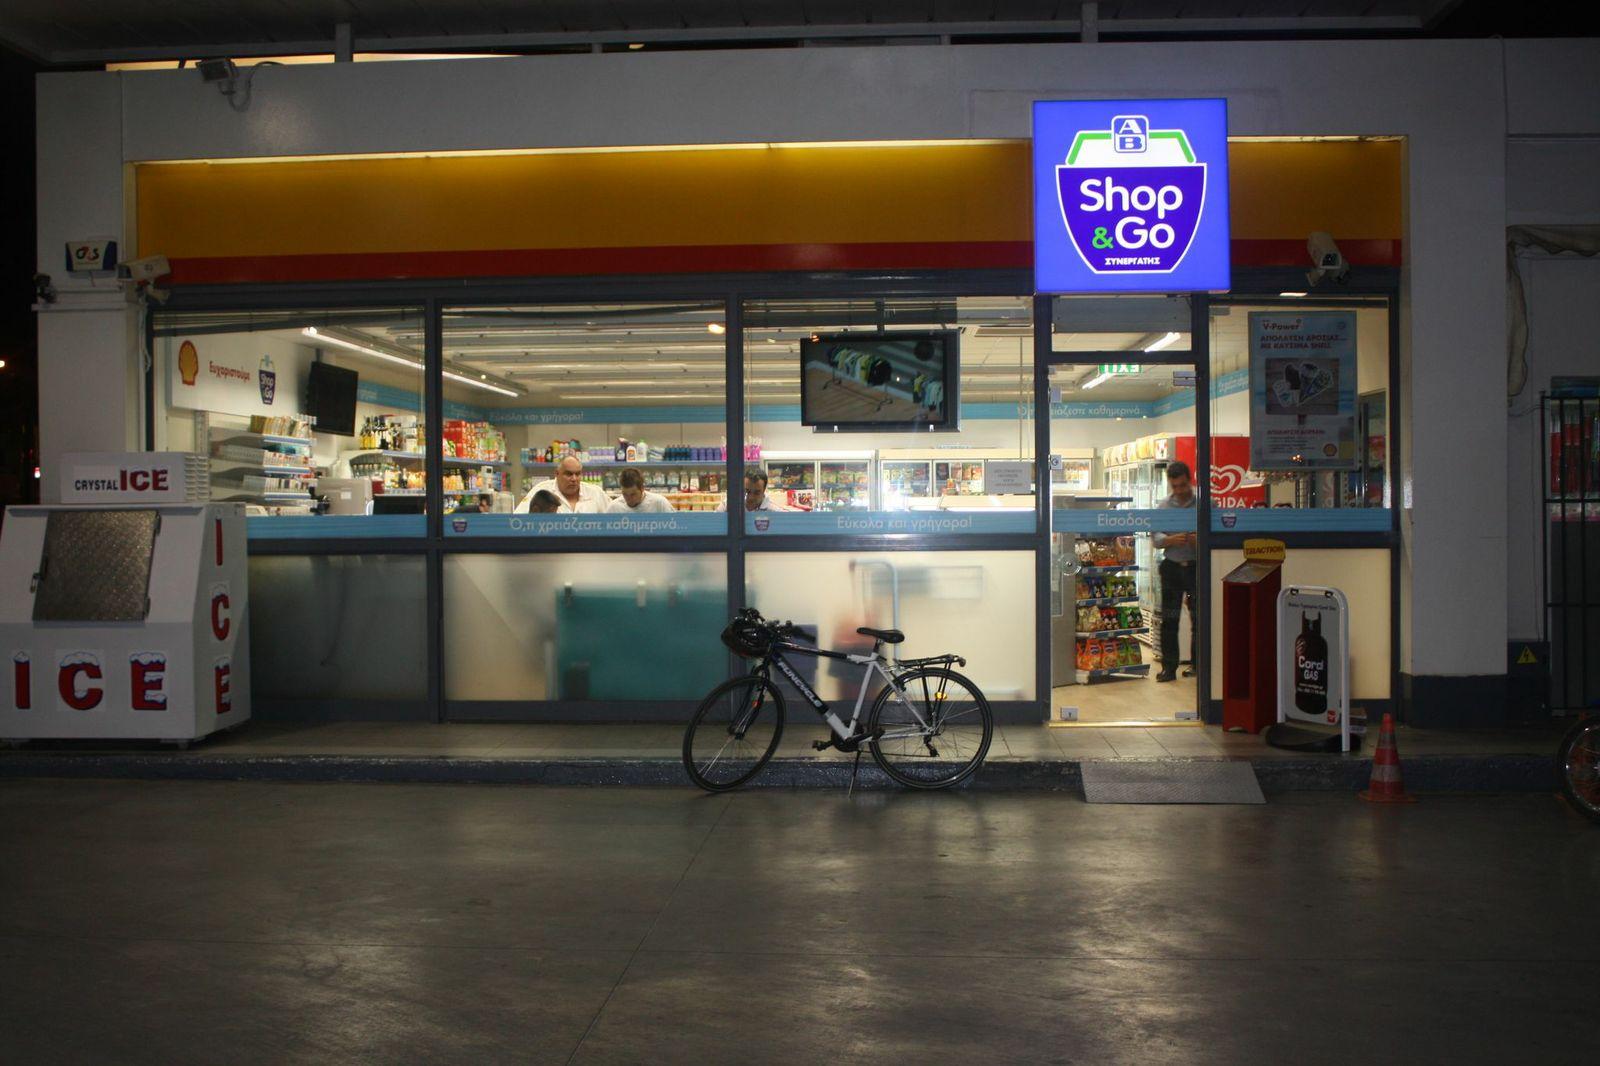 Και εγένετο το πρώτο 24ωρο σούπερ μάρκετ στην Ελλάδα